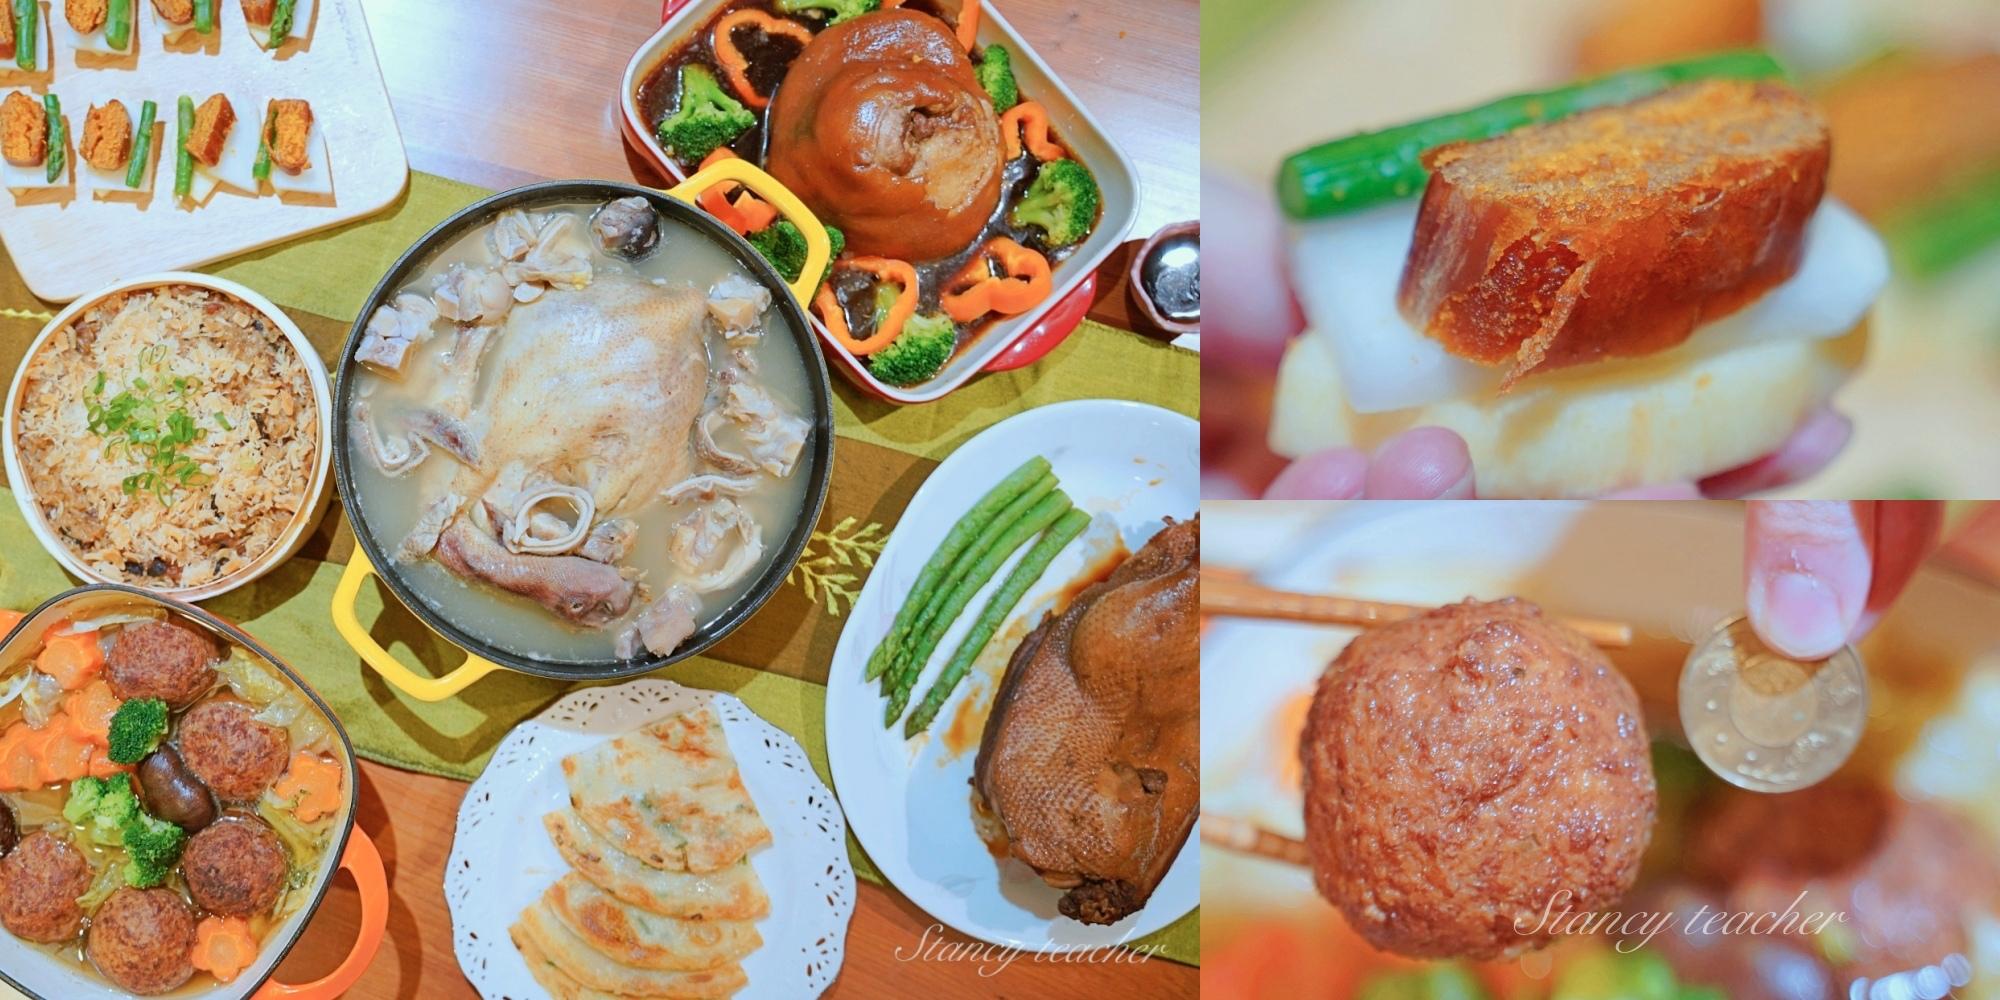 果貿吳媽家宅配年菜推薦|2021年眷村圍爐大菜|員外雞湯、黃金烏魚子、干貝米糕(料理方式、價格)